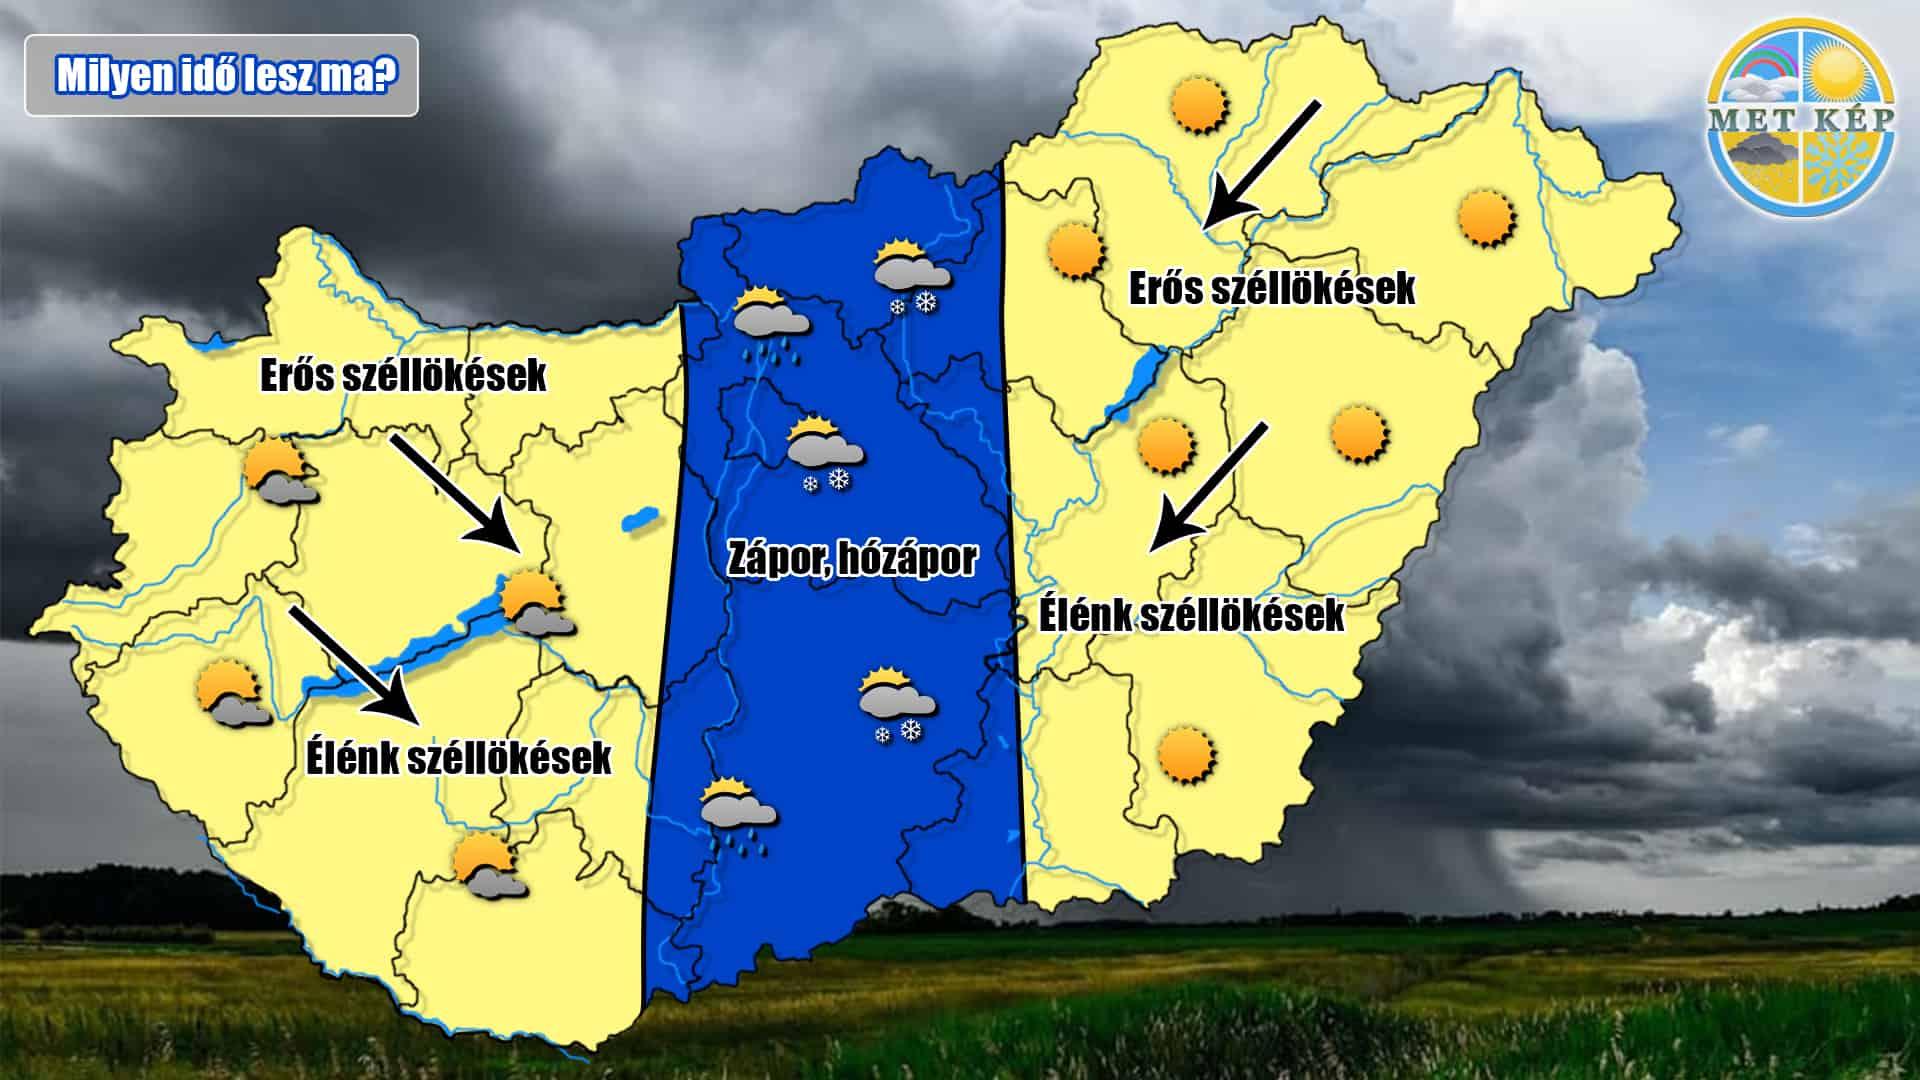 Milyen idő lesz ma? Esős, záporos, havas, vagy napos, netán szeles? Ezek mind!